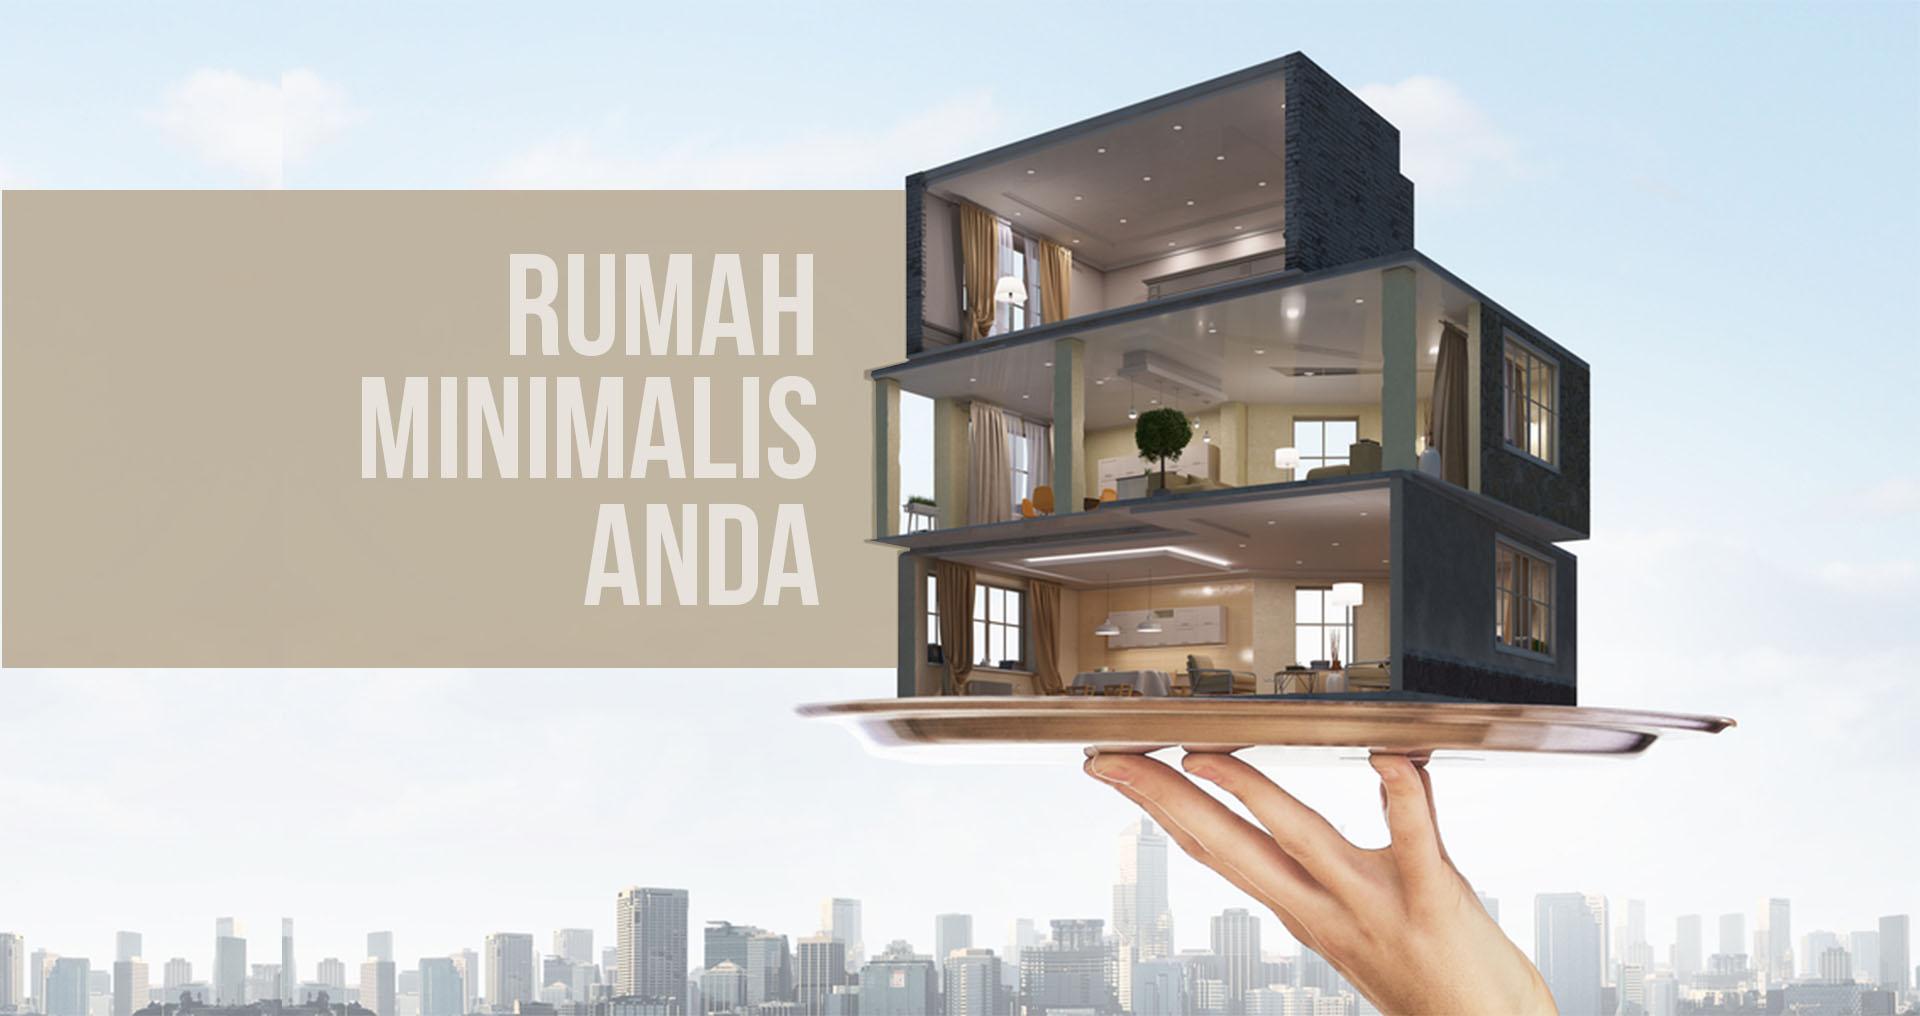 Rumah Minimalis Anda